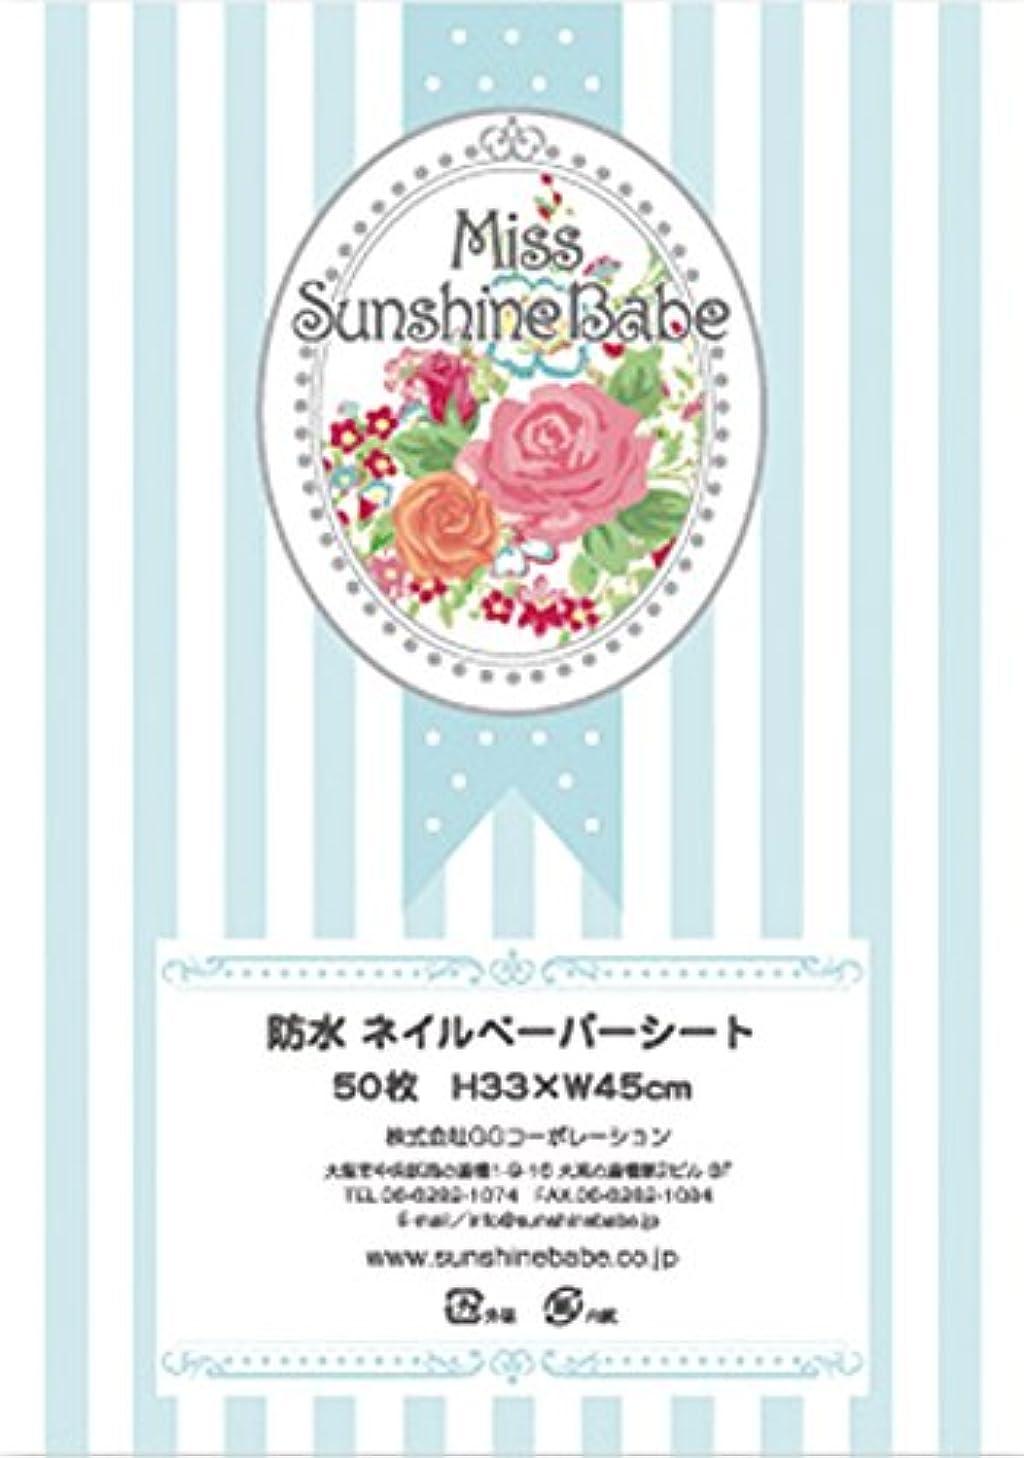 気怠い橋性差別SunshineBabe サンシャインベビー ペーパーシート 50枚 ホワイト